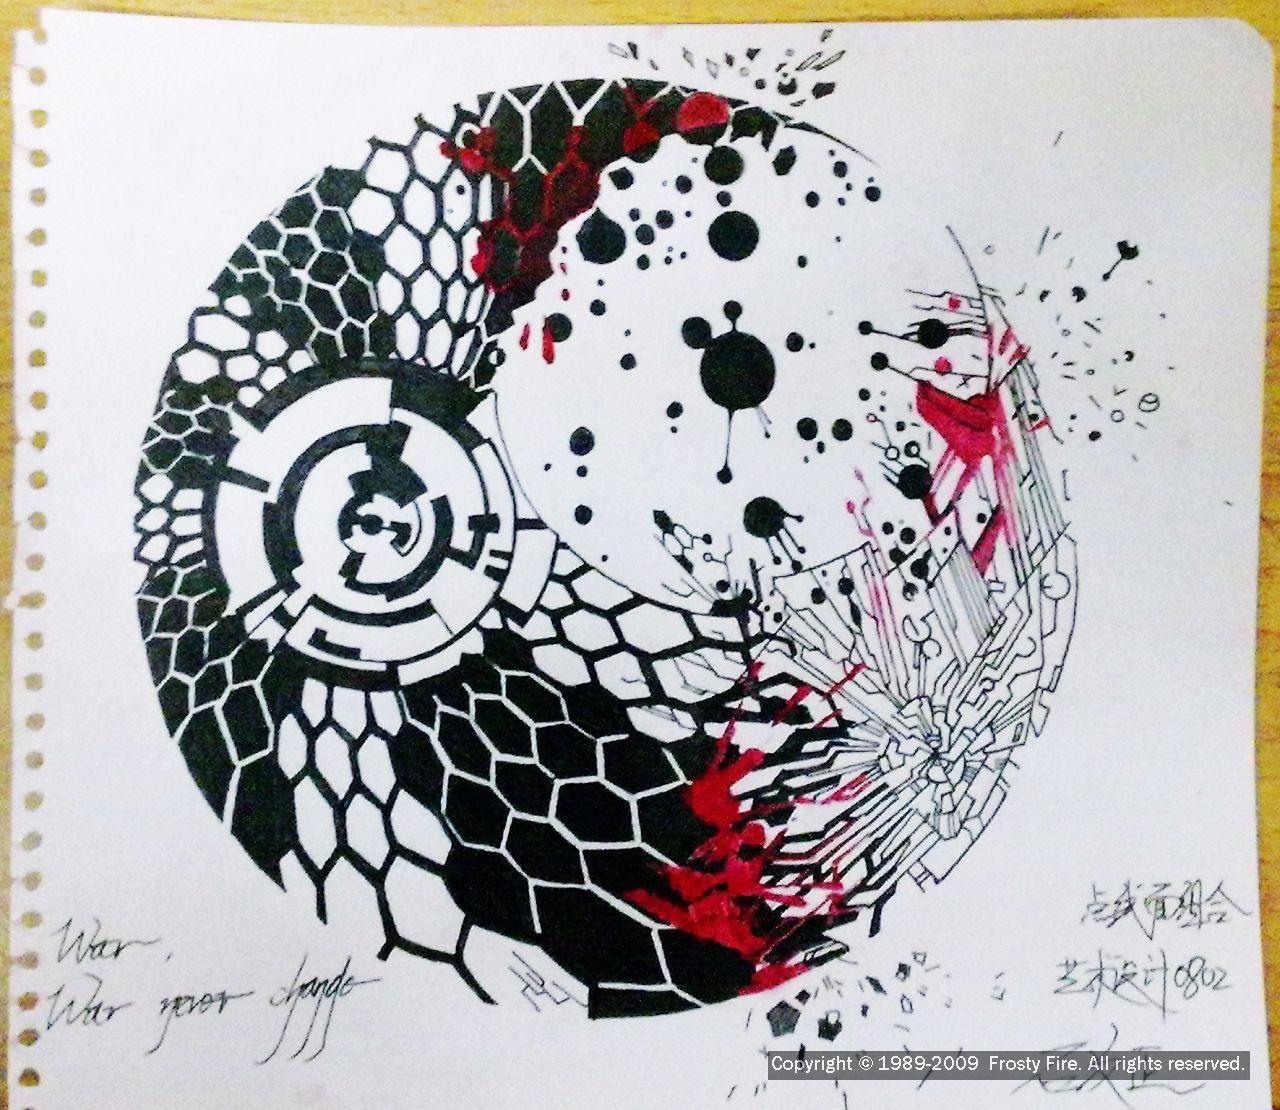 点线面色彩构成作业_点线面构成设计作业图_点线面构成设计作业图分享展示